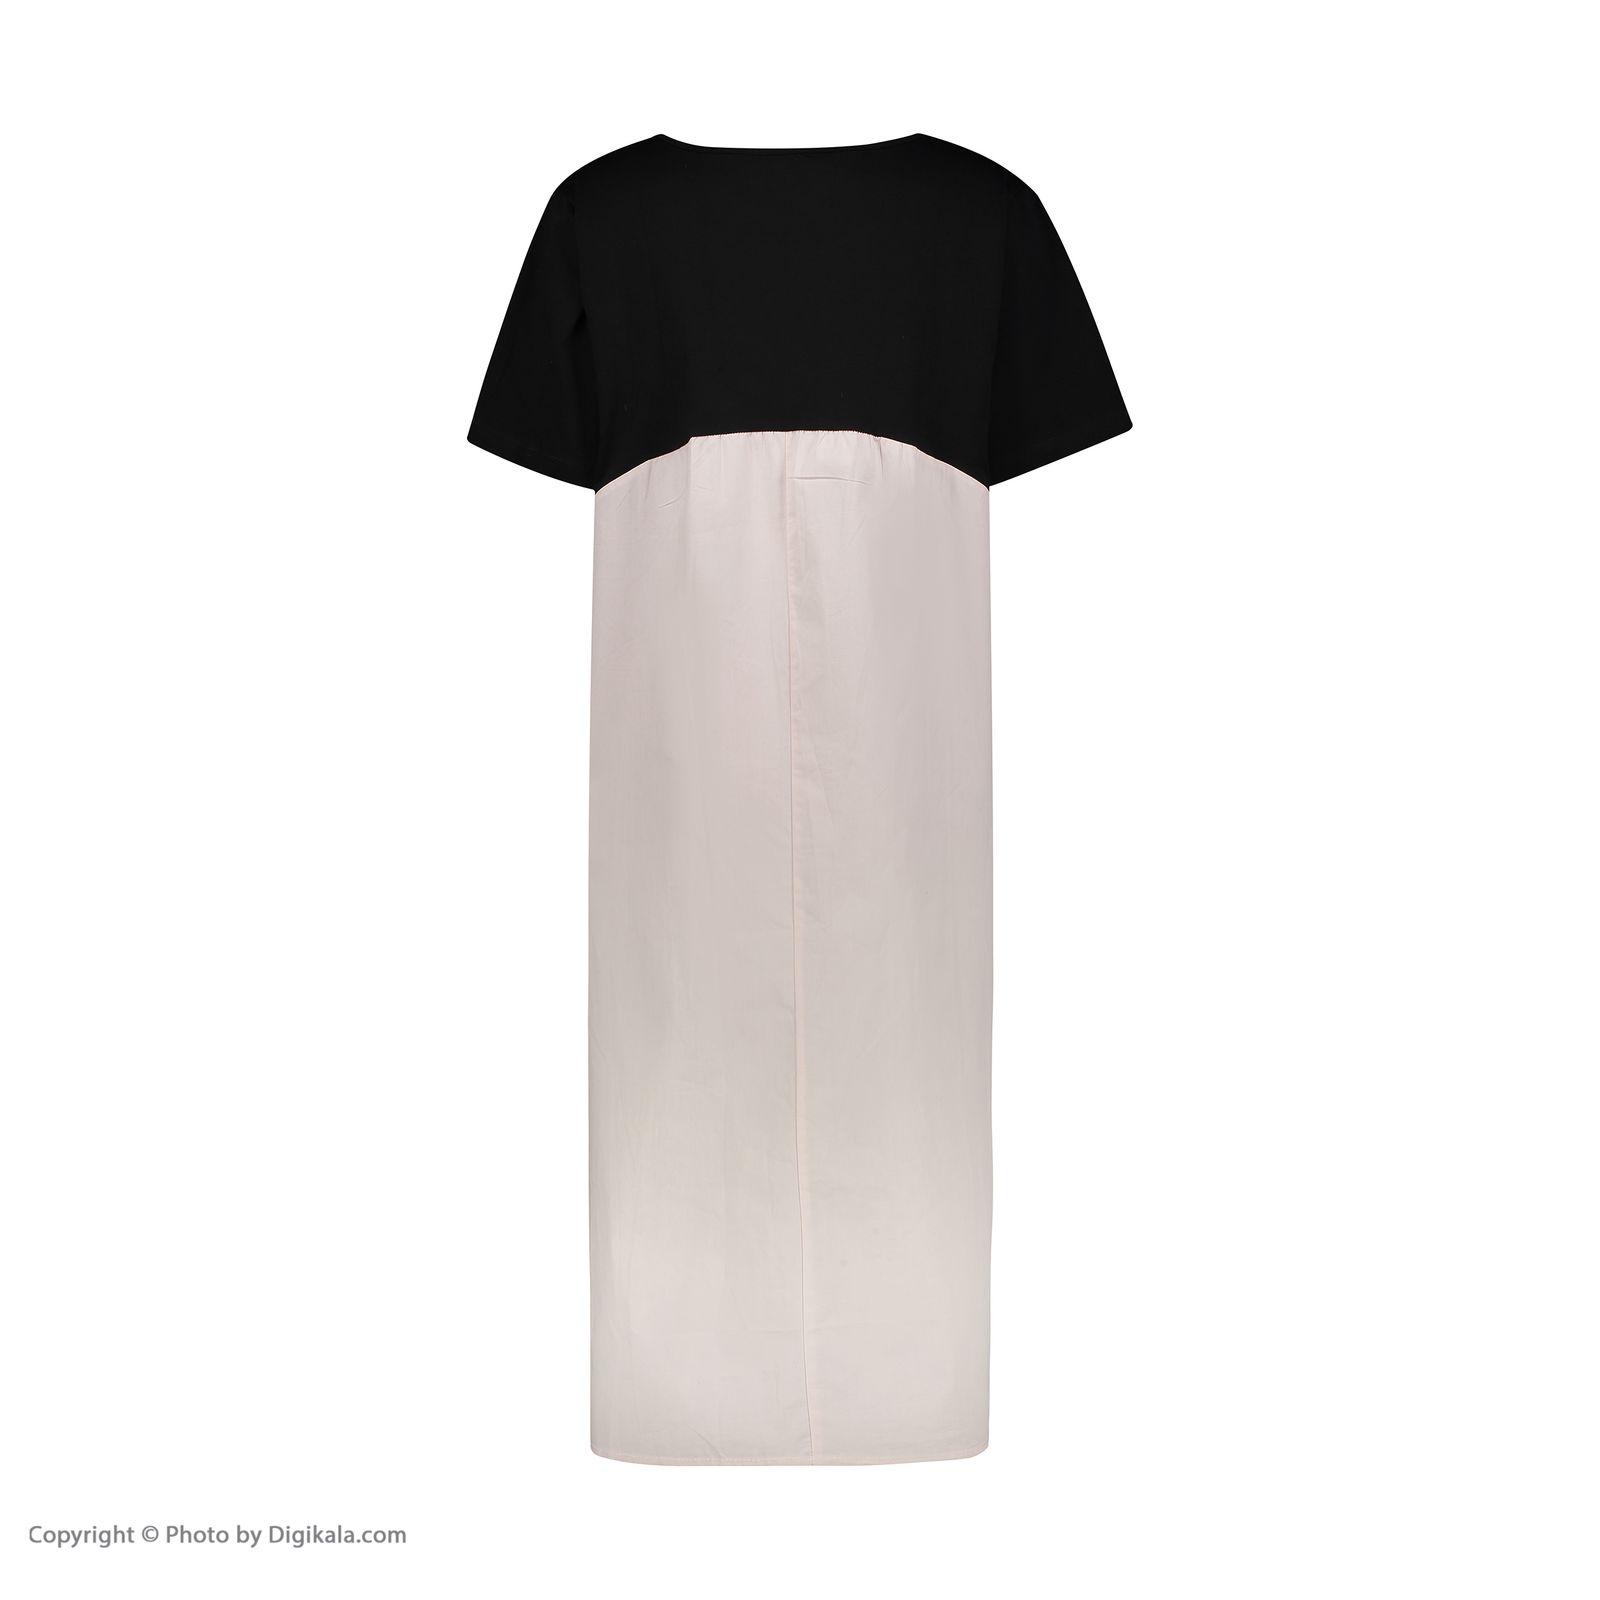 پیراهن زنانه اونسه مدل Loovee -  - 2